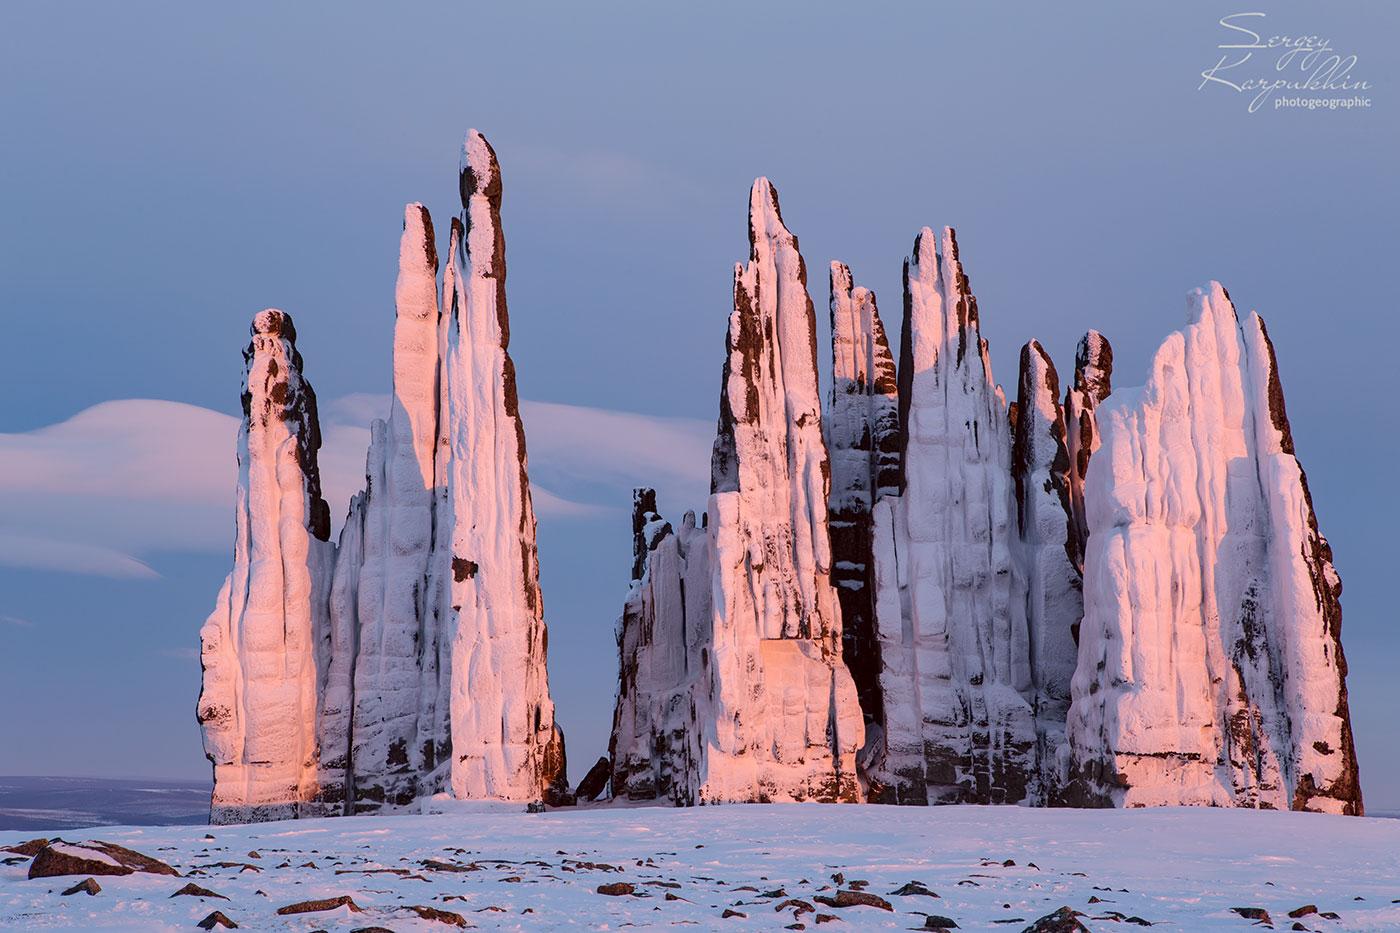 Улахан-Сис: экспедиция в Гранитные города России